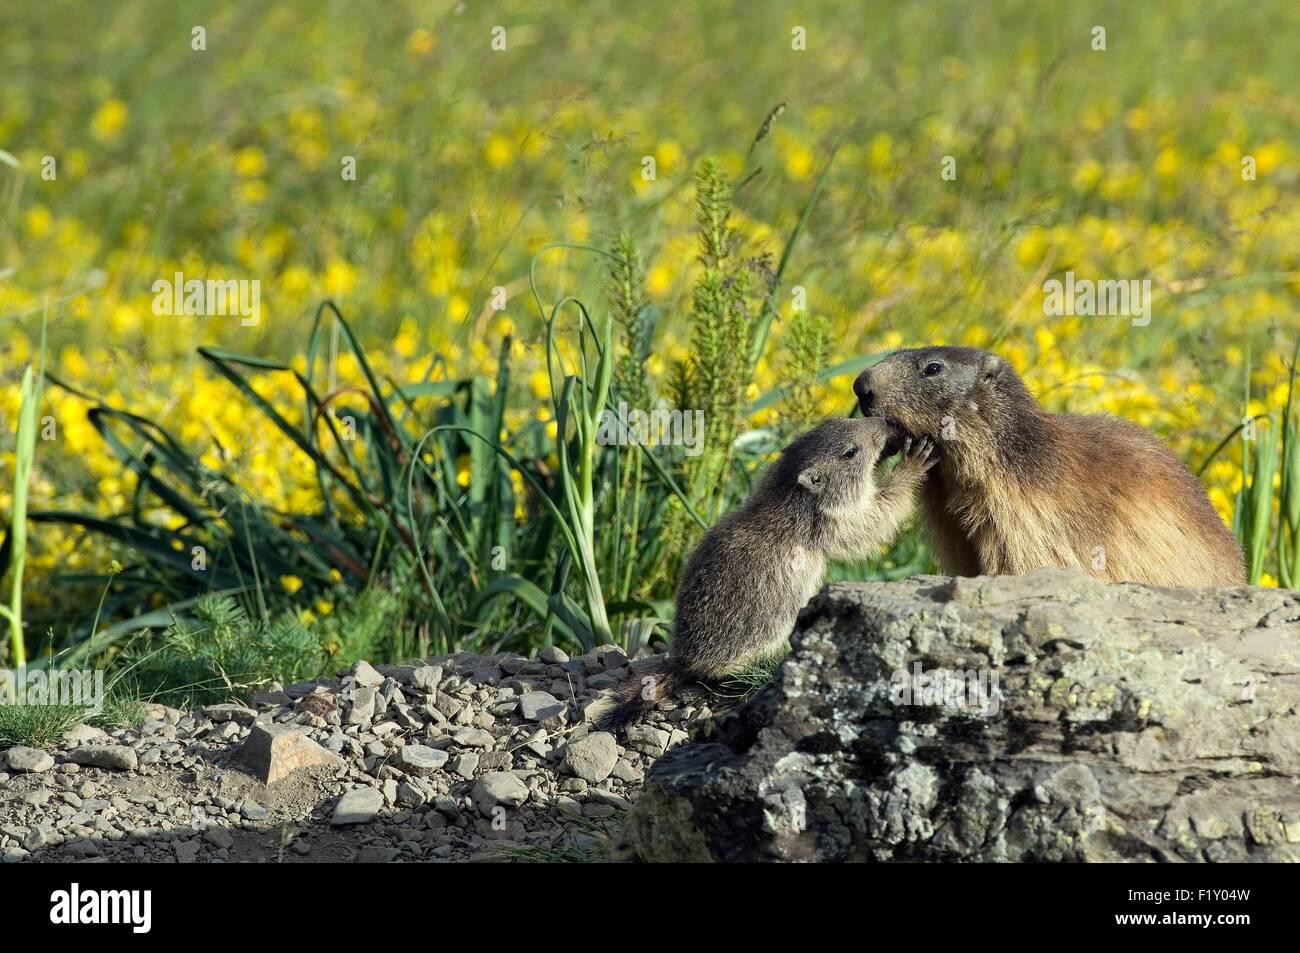 France, Alpine Marmot (Marmota marmota), adult and young mamotton - Stock Image